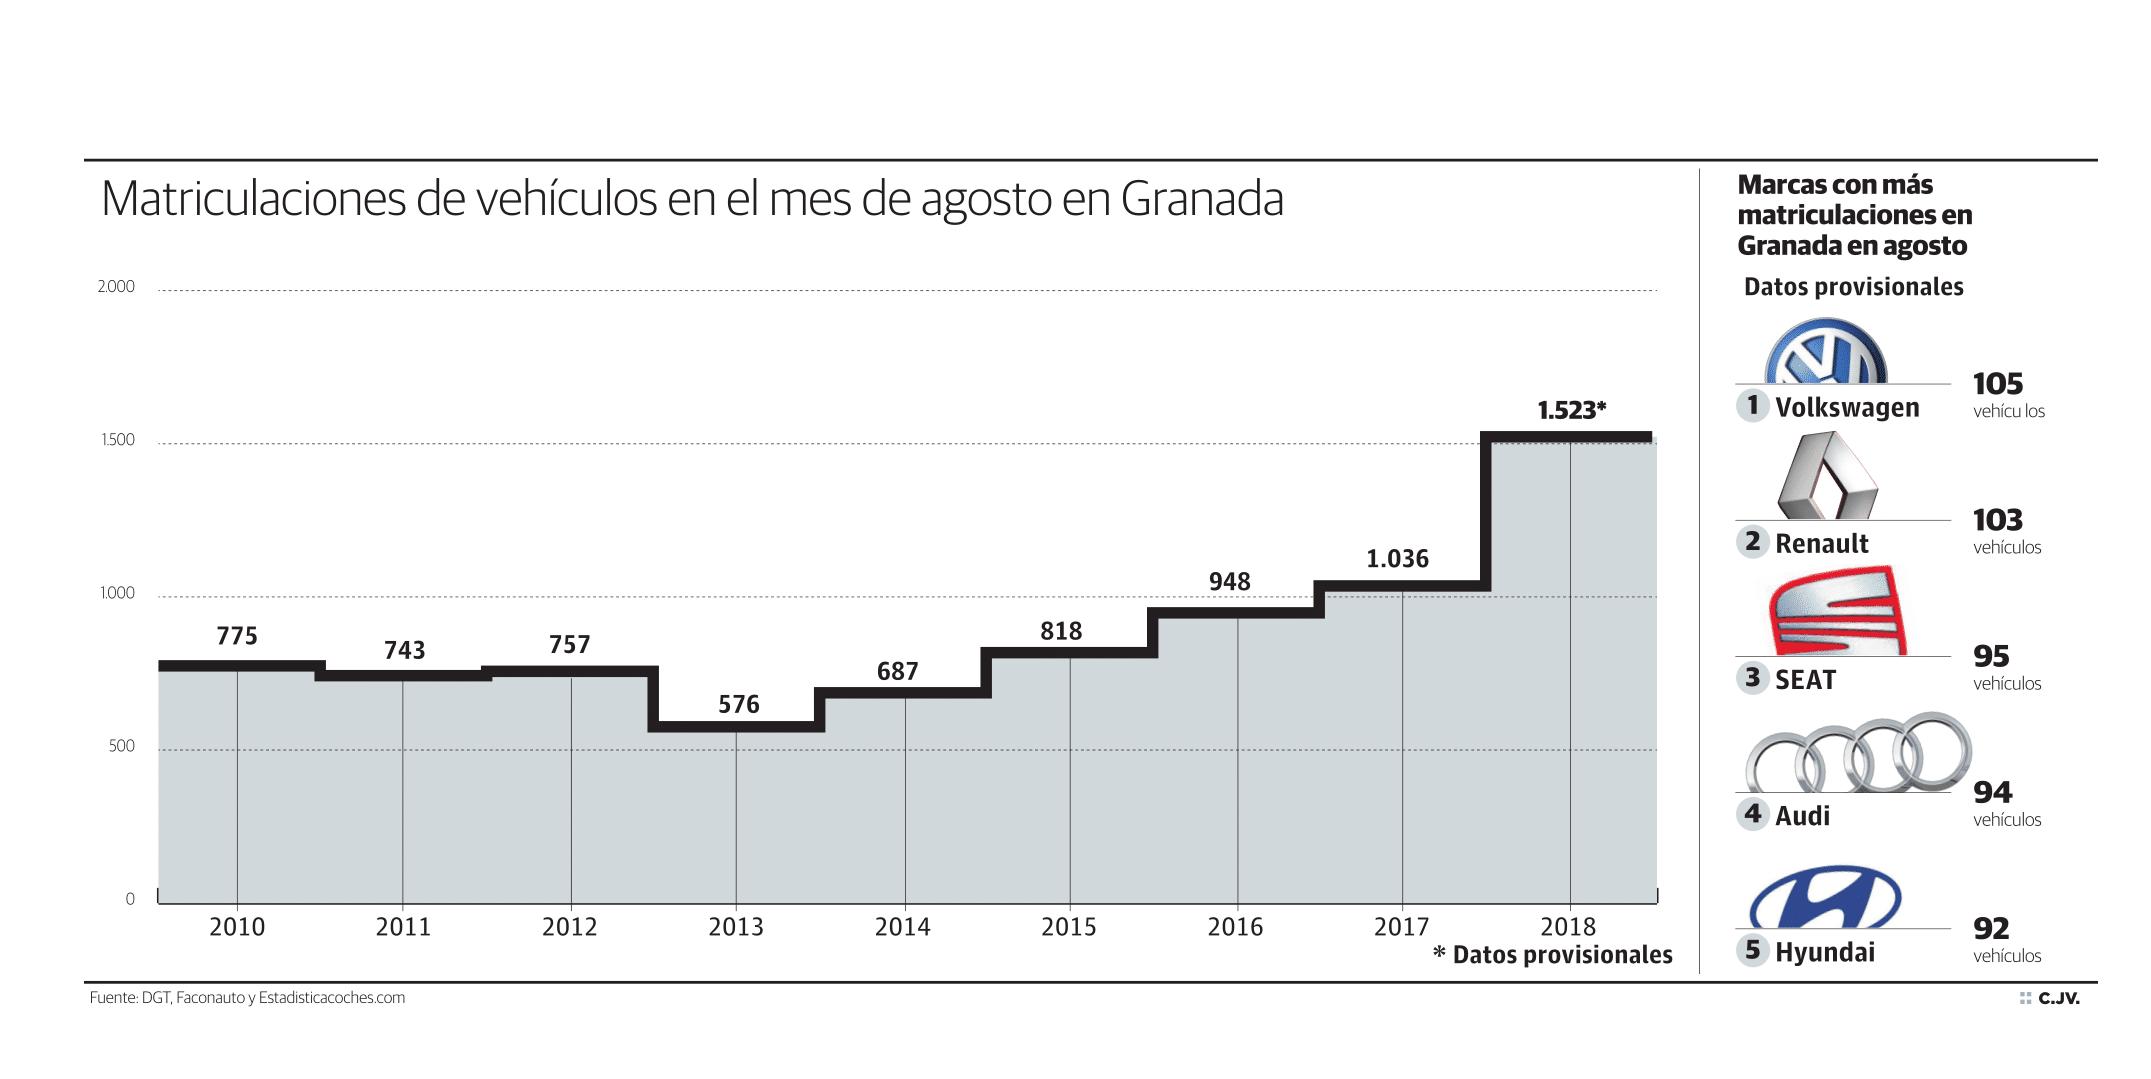 Matriculaciones de vehículos en el mes de agosto en Granada